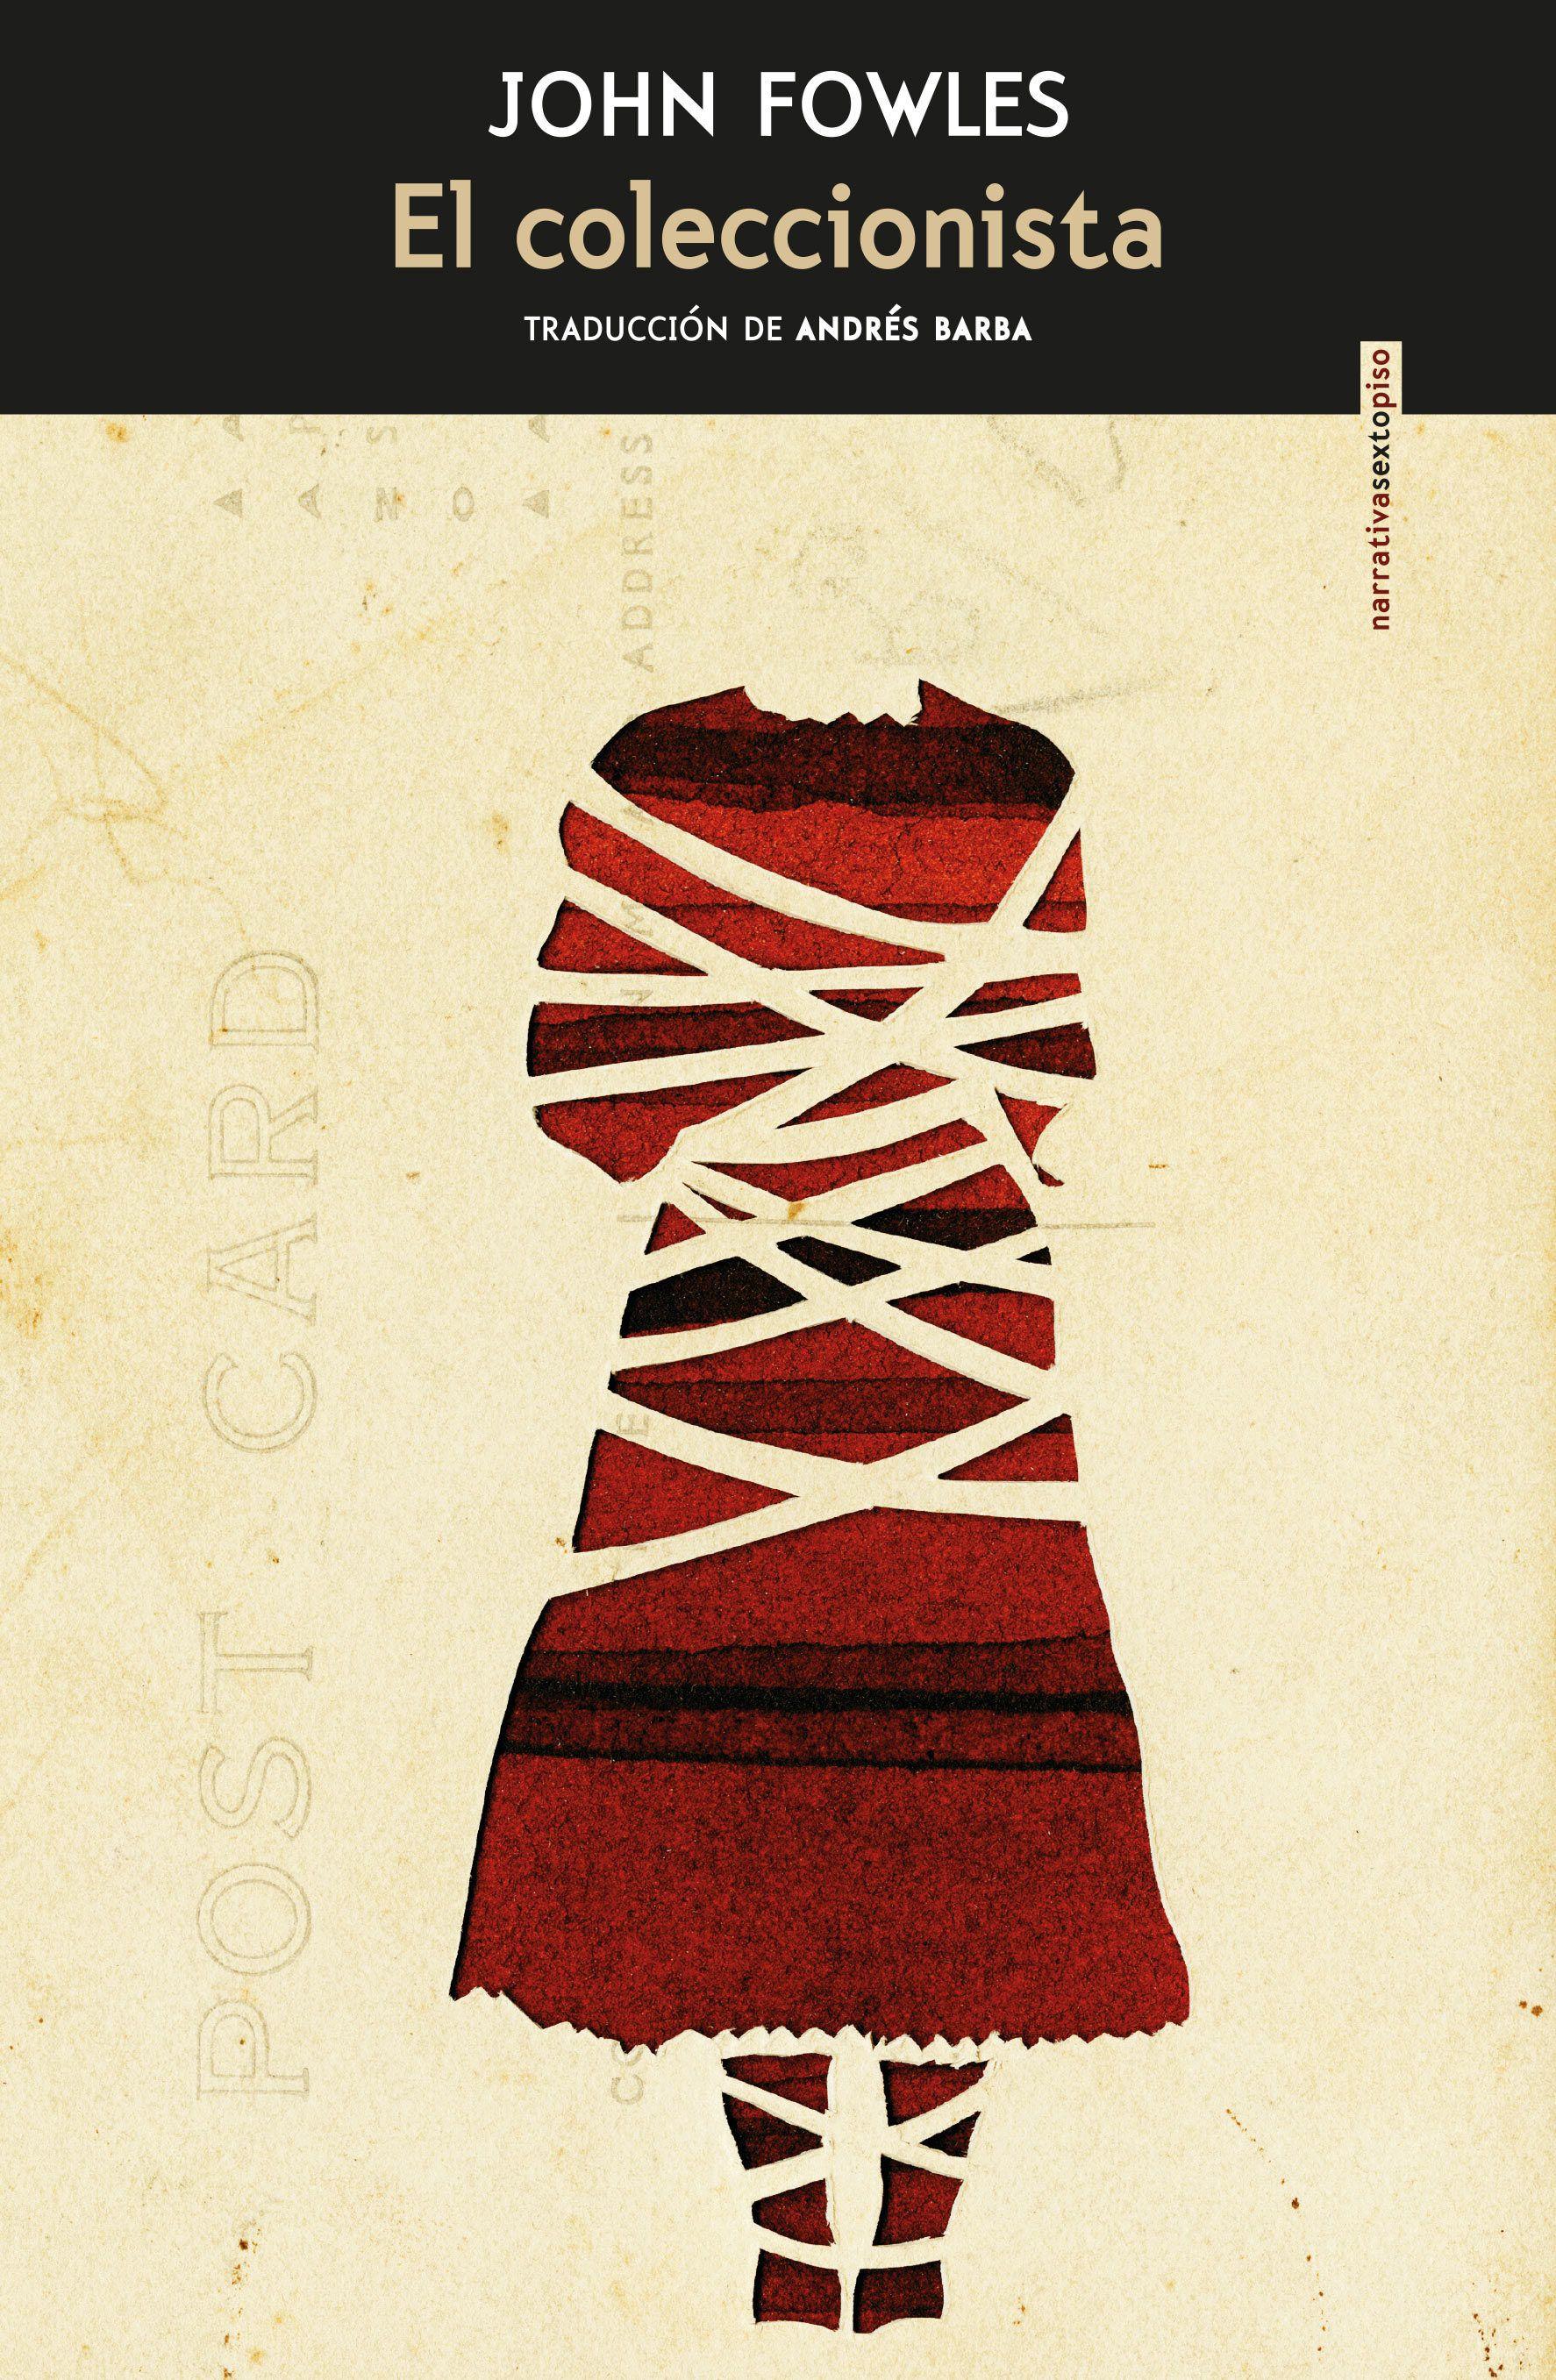 El Coleccionista John Fowles Libros Thriller Psicológico Libros Lectura